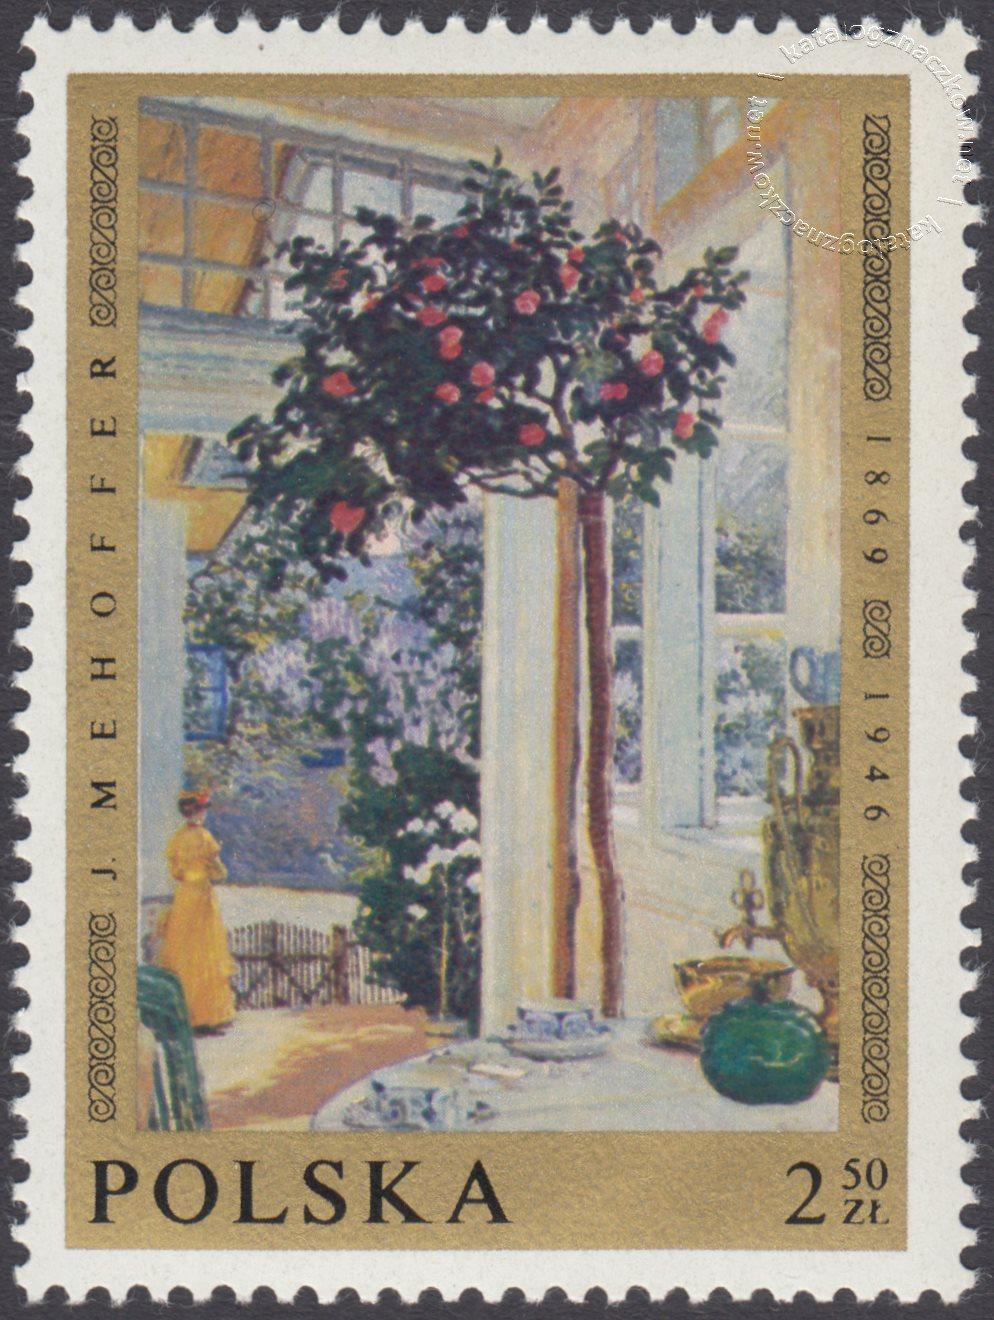 Malarstwo polskie znaczek nr 1798